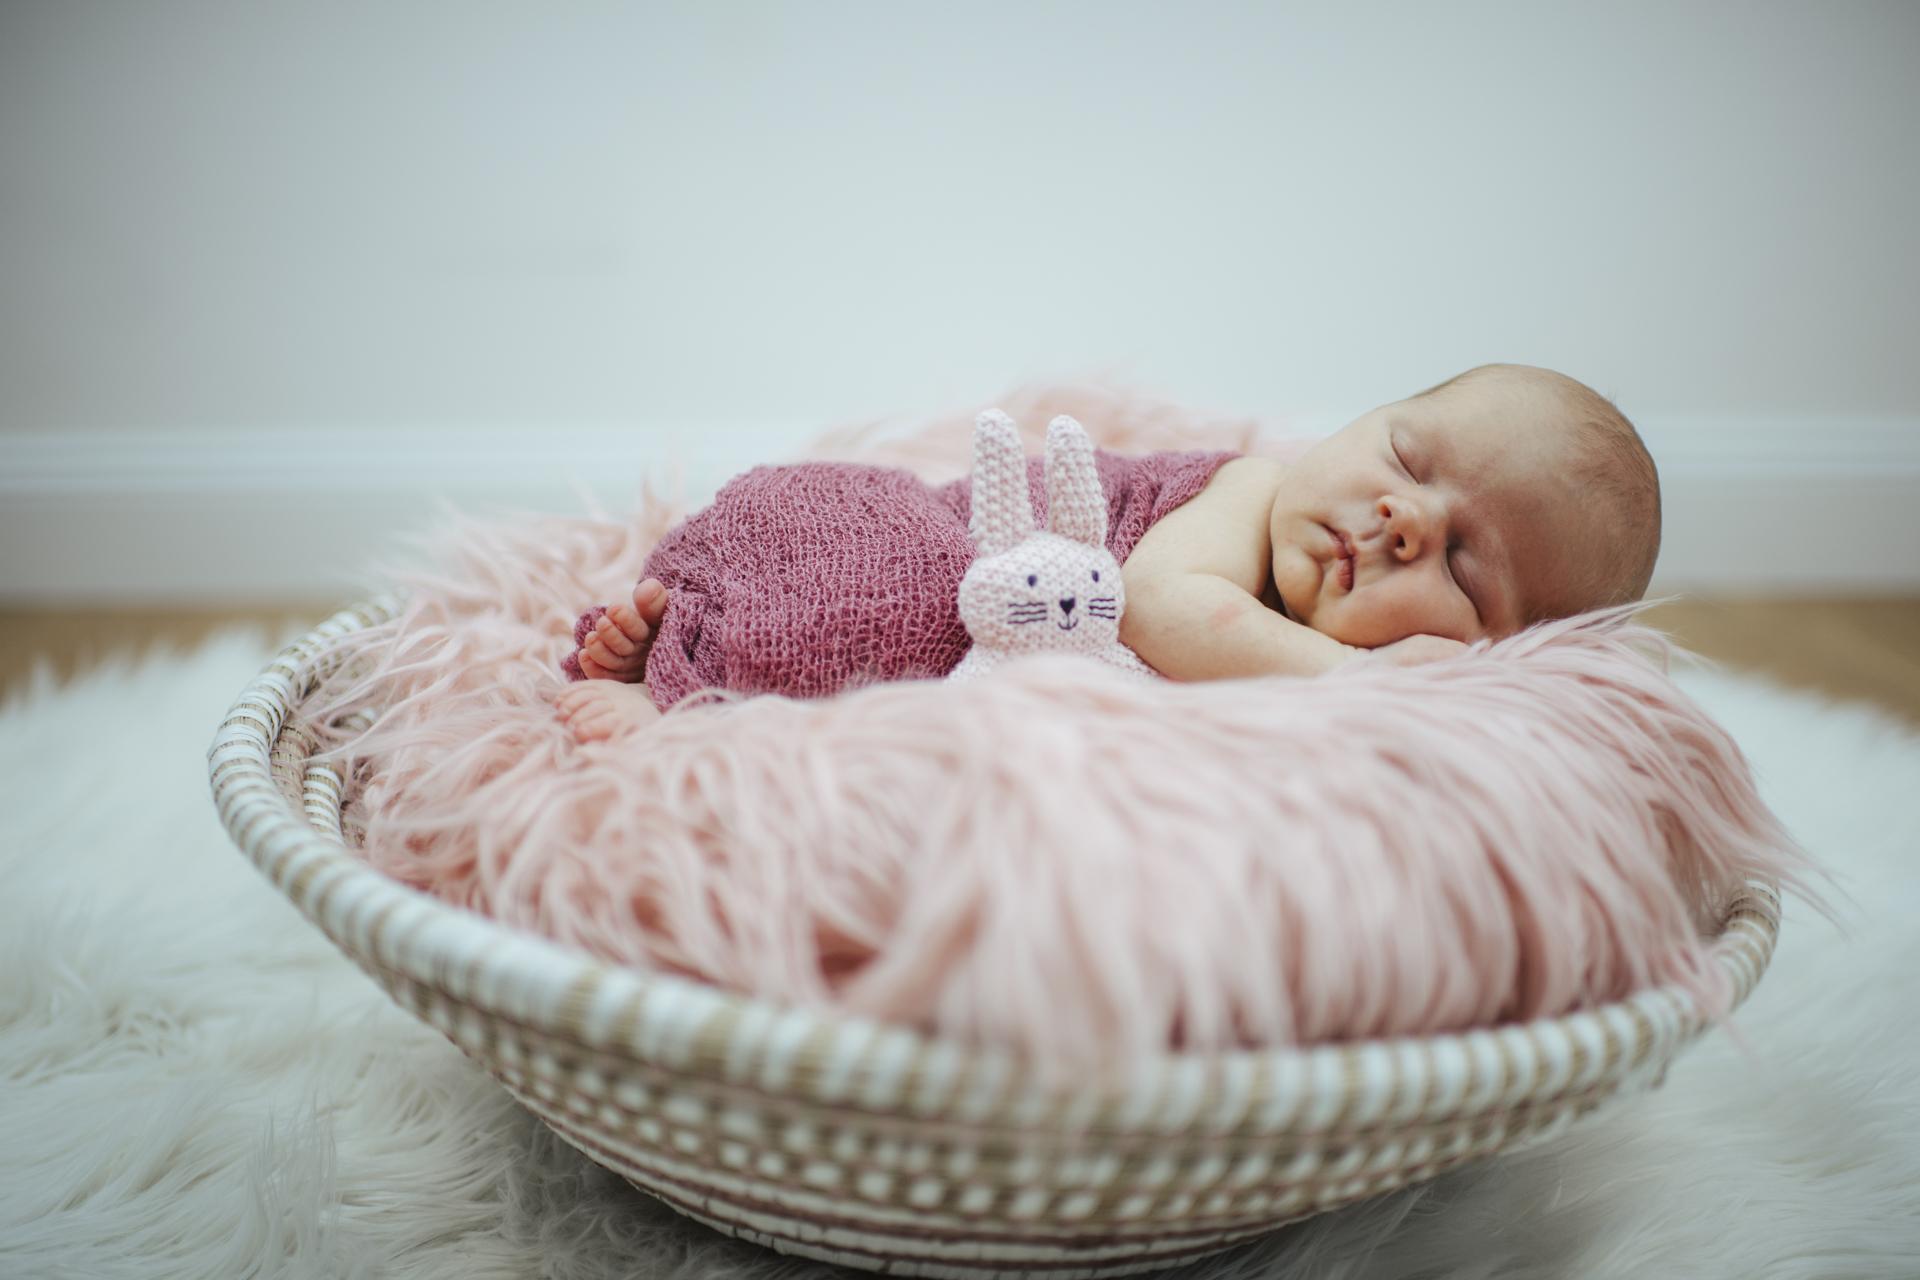 newbornfotos-maedchen-schale